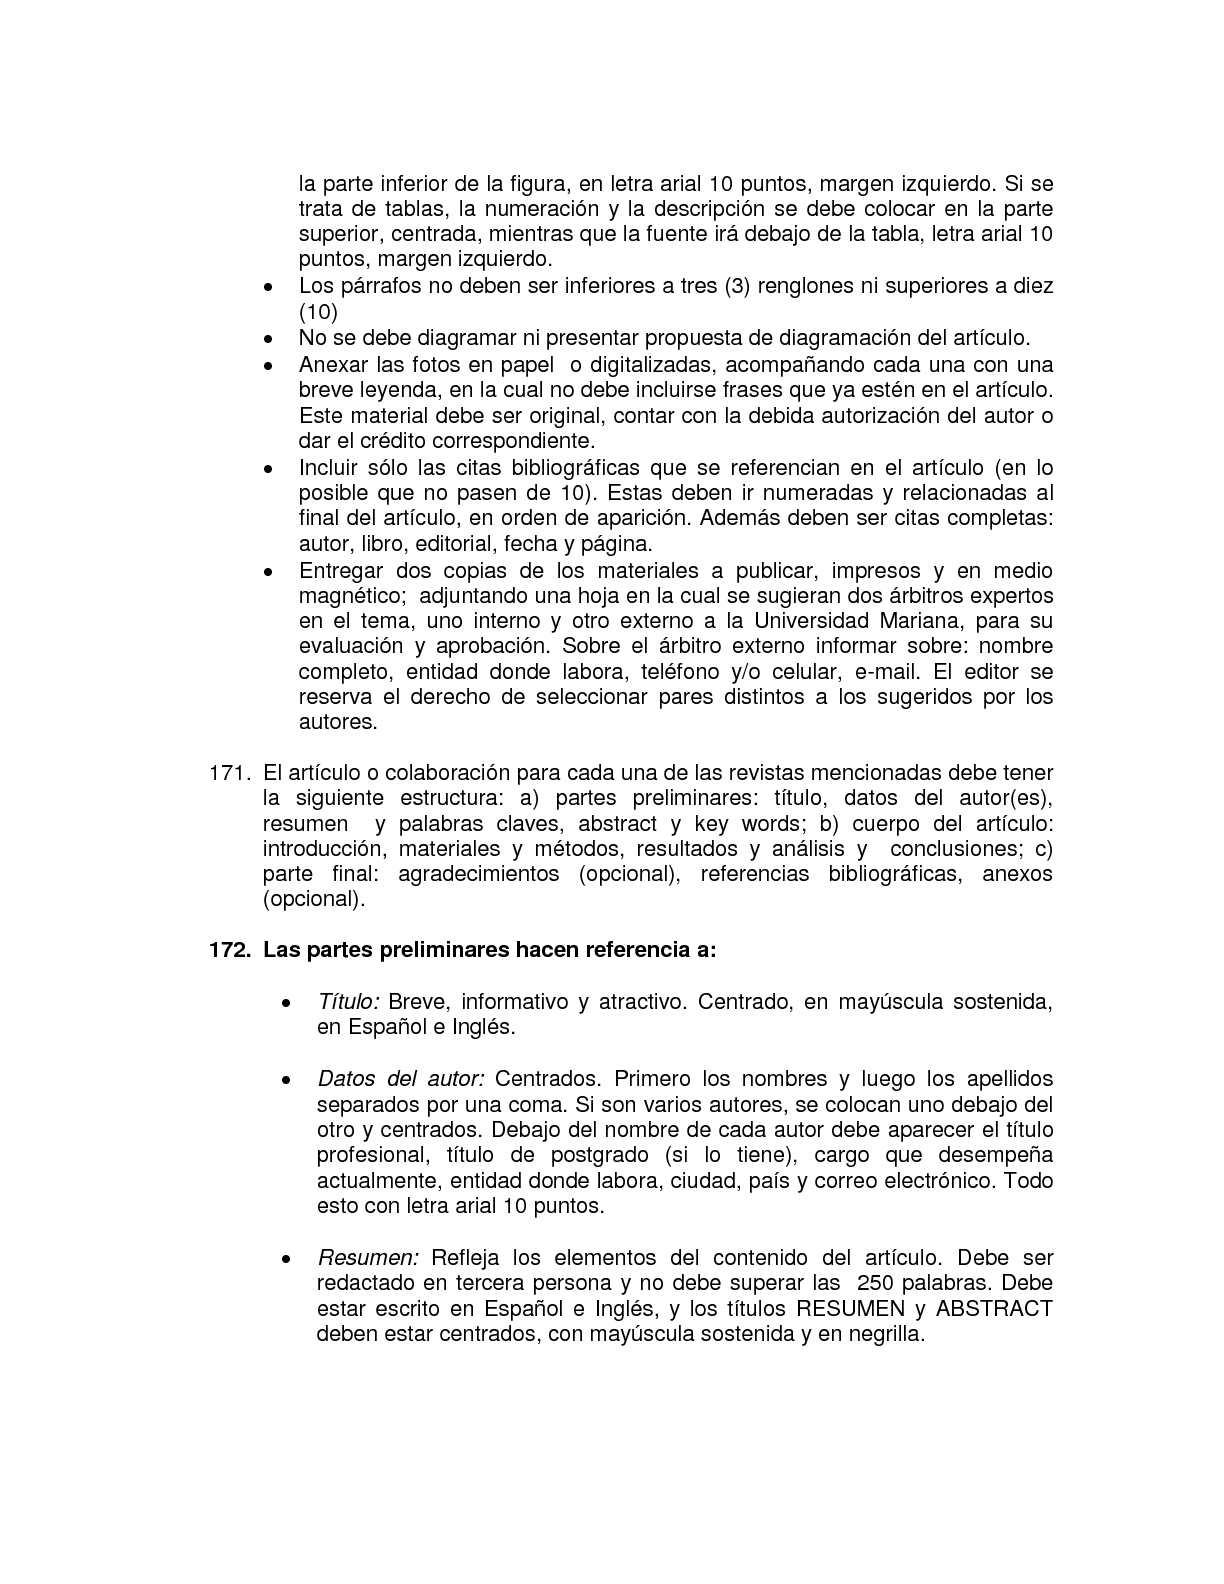 COMPILADO DE INVESTIGACIÓN IV - CALAMEO Downloader